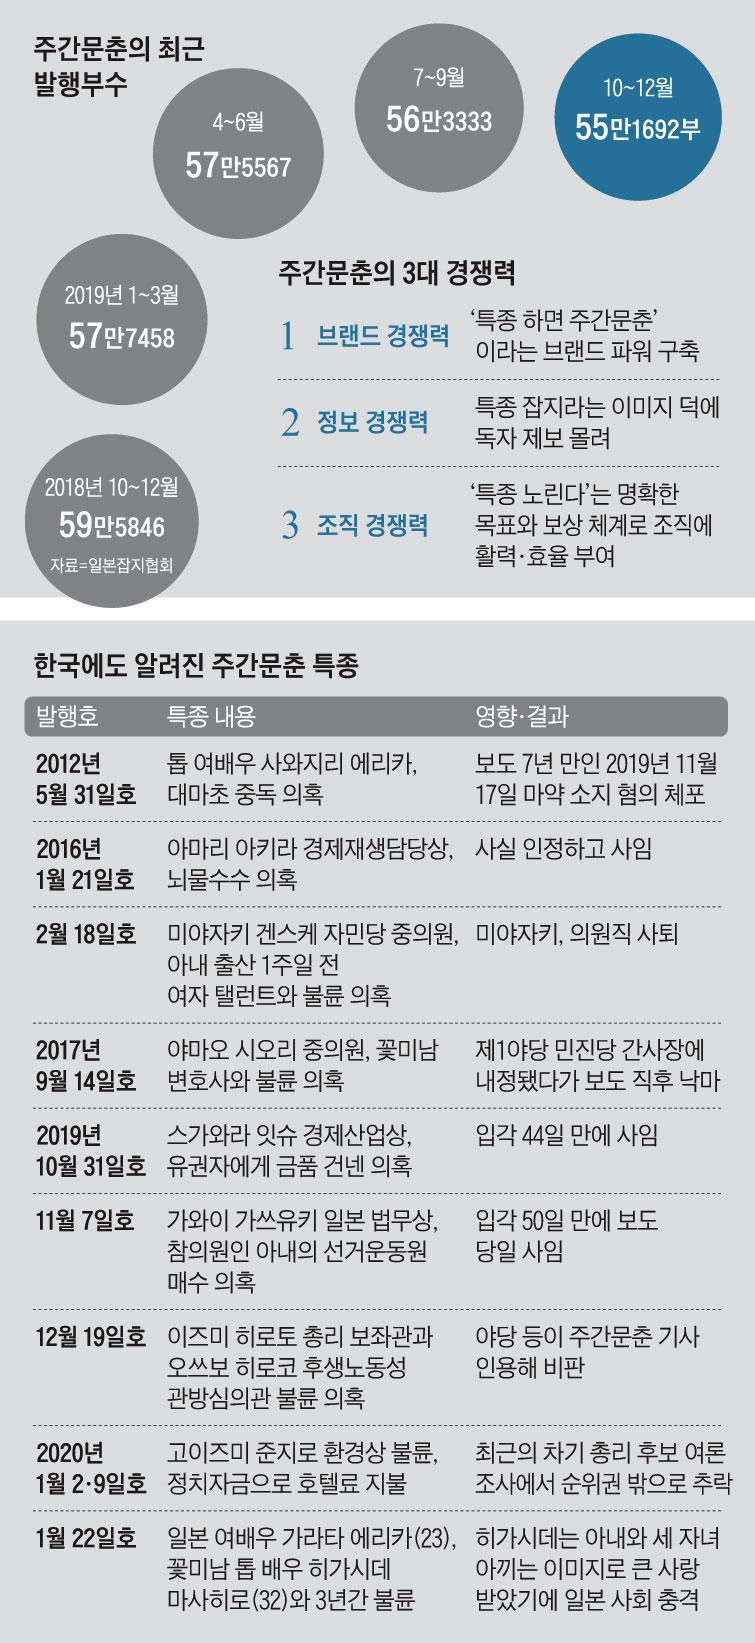 [최원석의 業의 경쟁력] <3> 日 '주간문춘'의 미디어 생존 전략